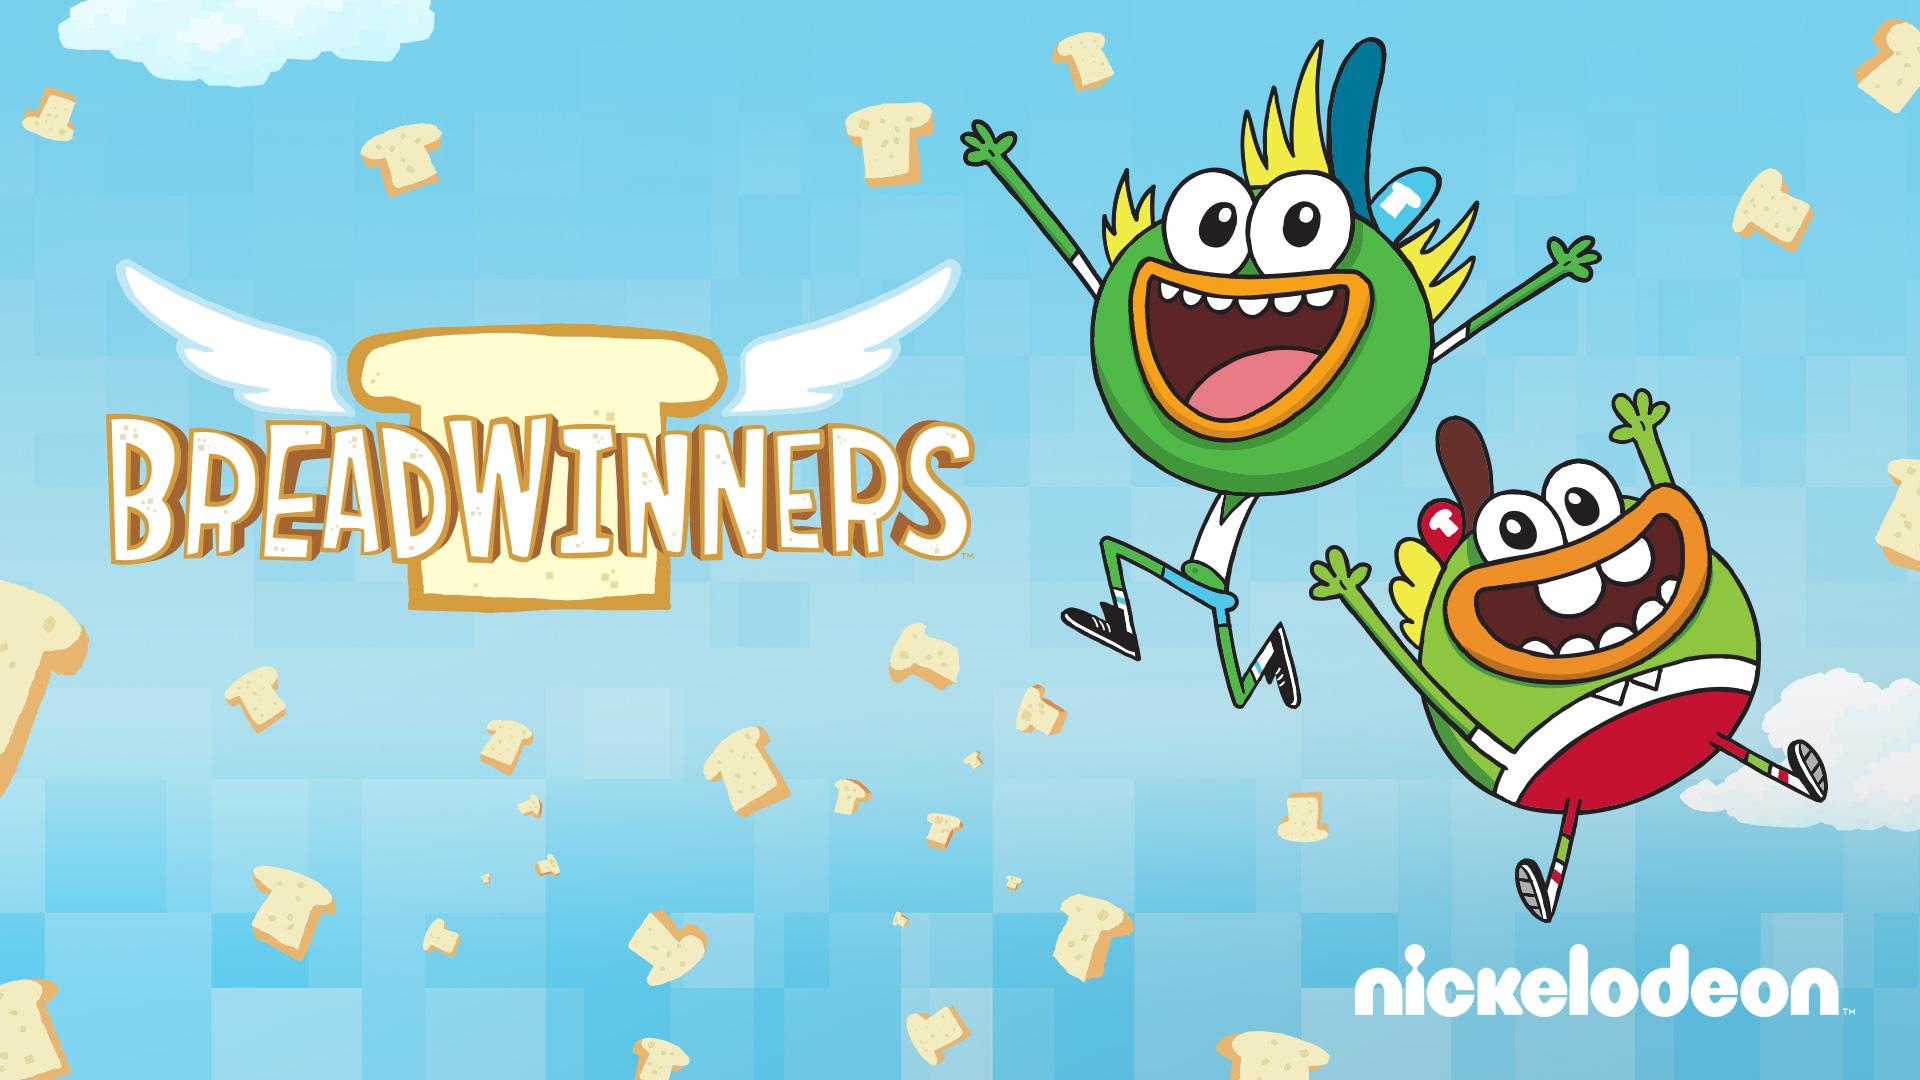 Breadwinners Season 1